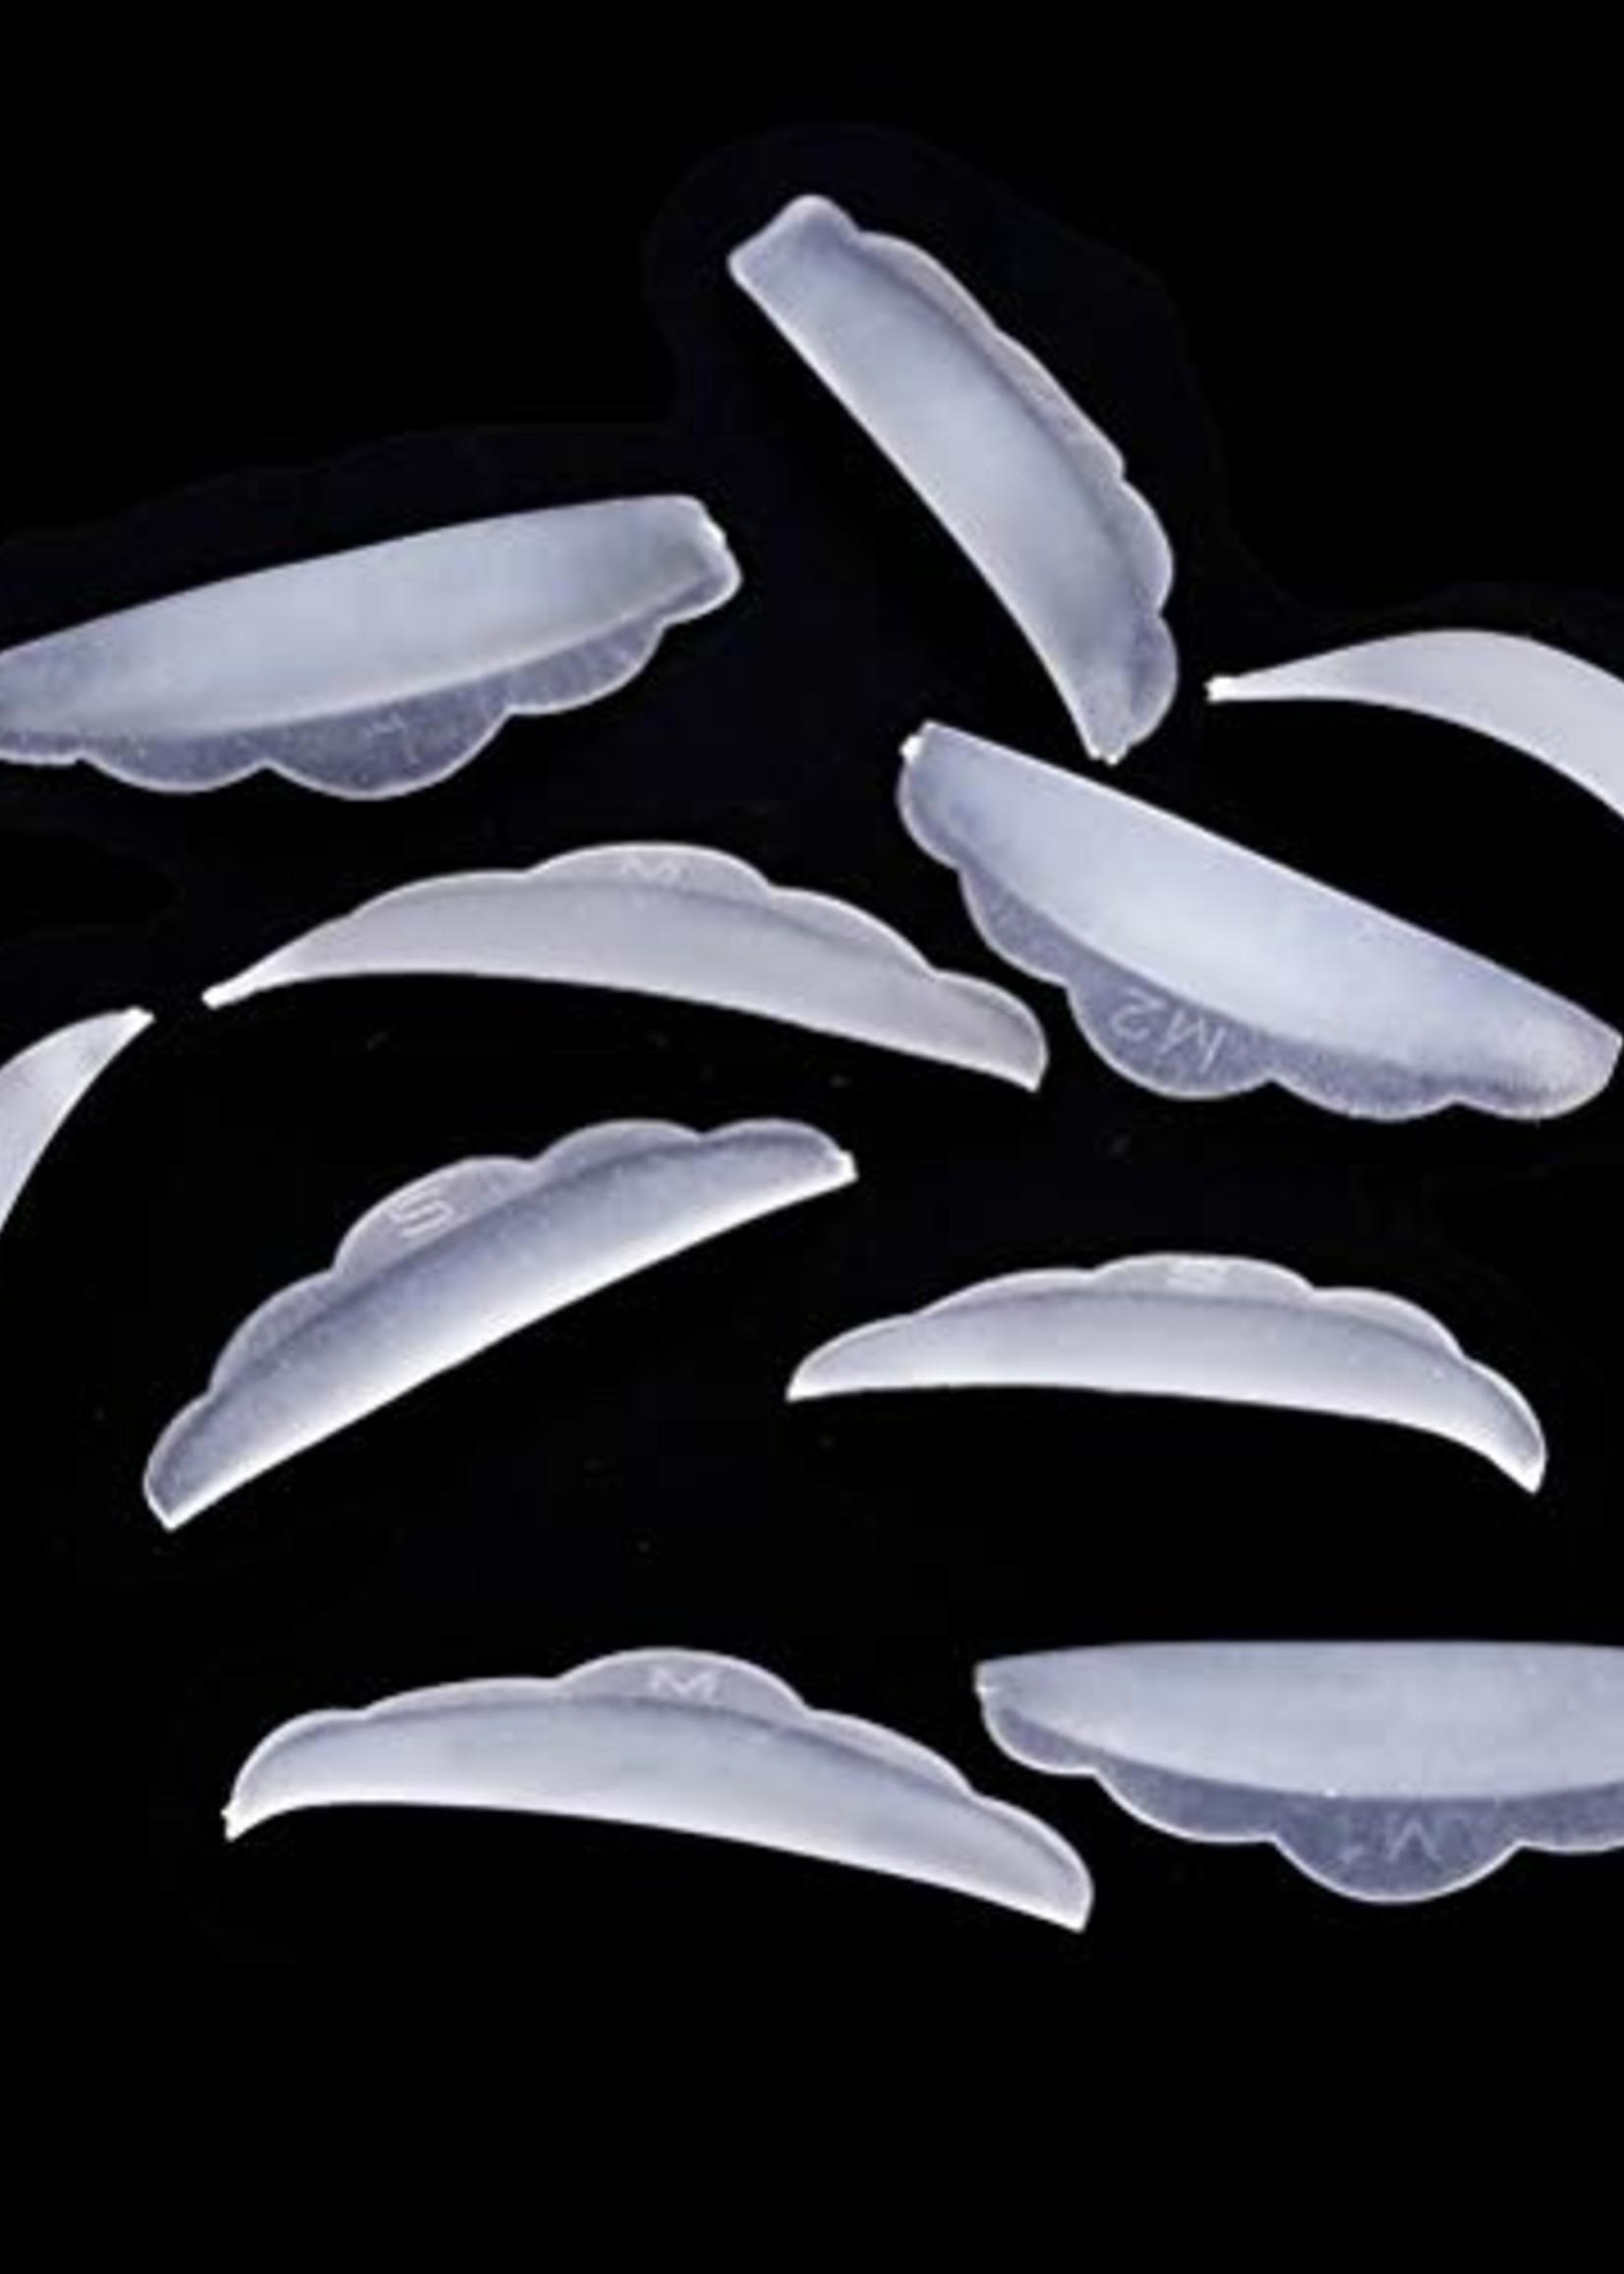 Lash Candies® Silikonpads Ronde Form 5 Paar Größen  S, M, M1, M2, L